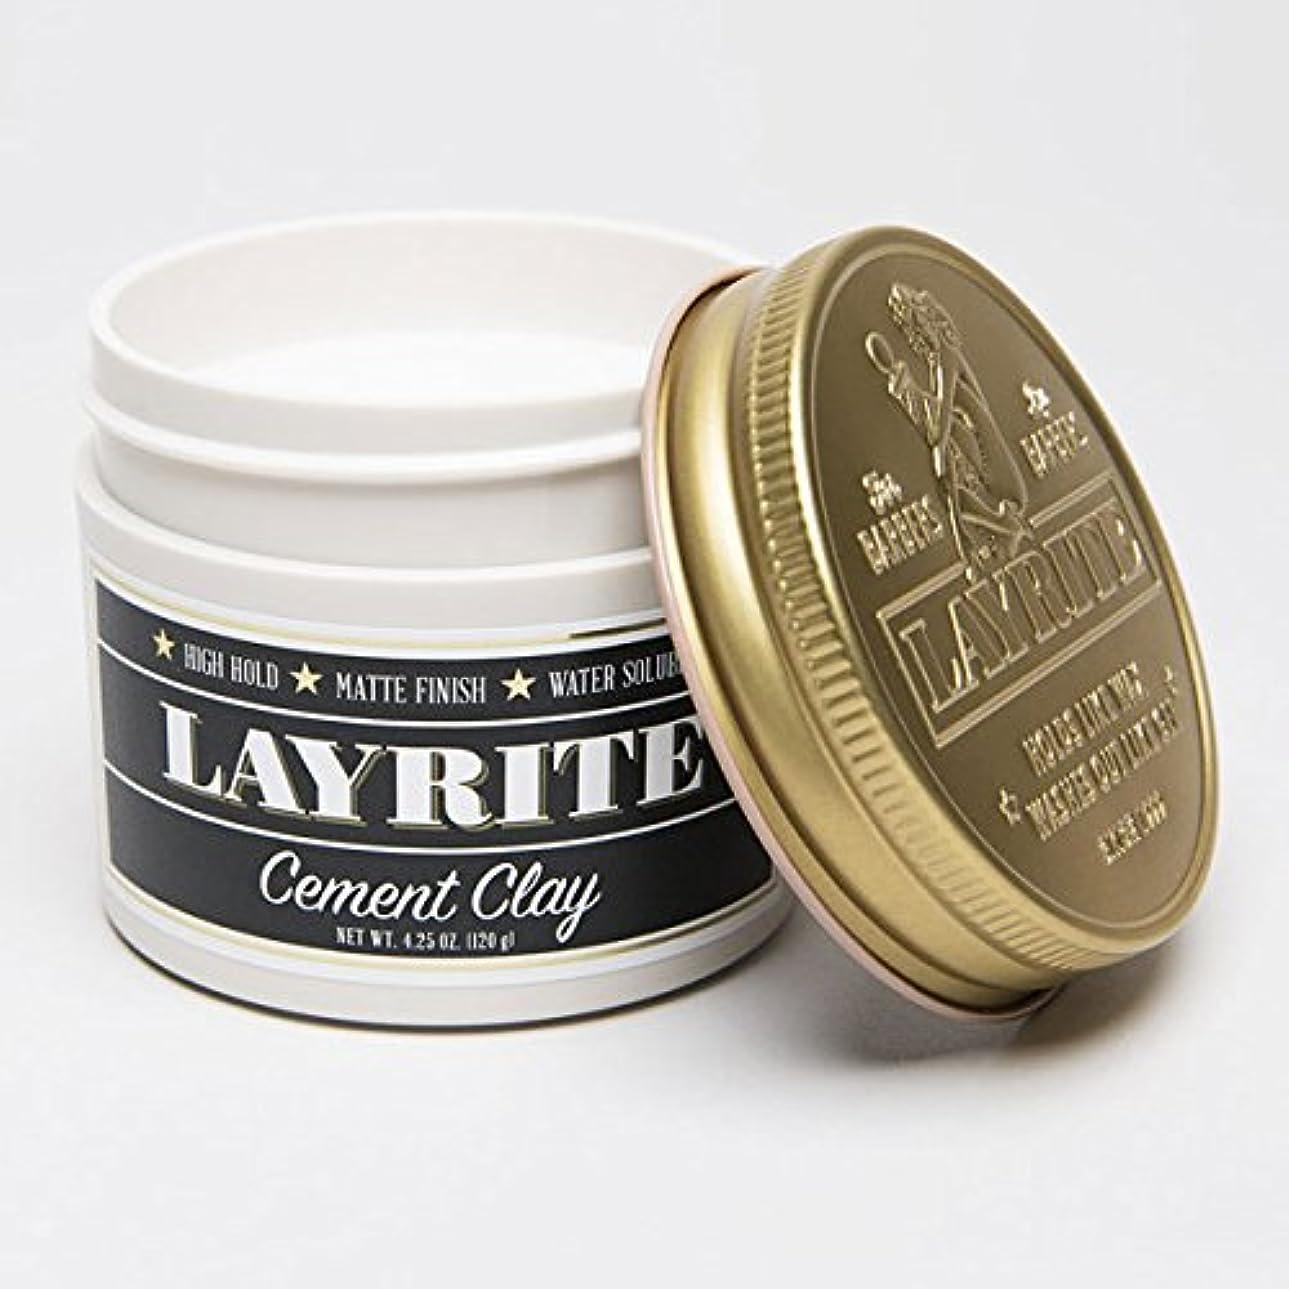 鉛筆効果的に剣LAYRITE レイライト 【CEMENT HAIR CLAY Pomade】 水性ポマード セメントホールド 4.25OZ(約120G)